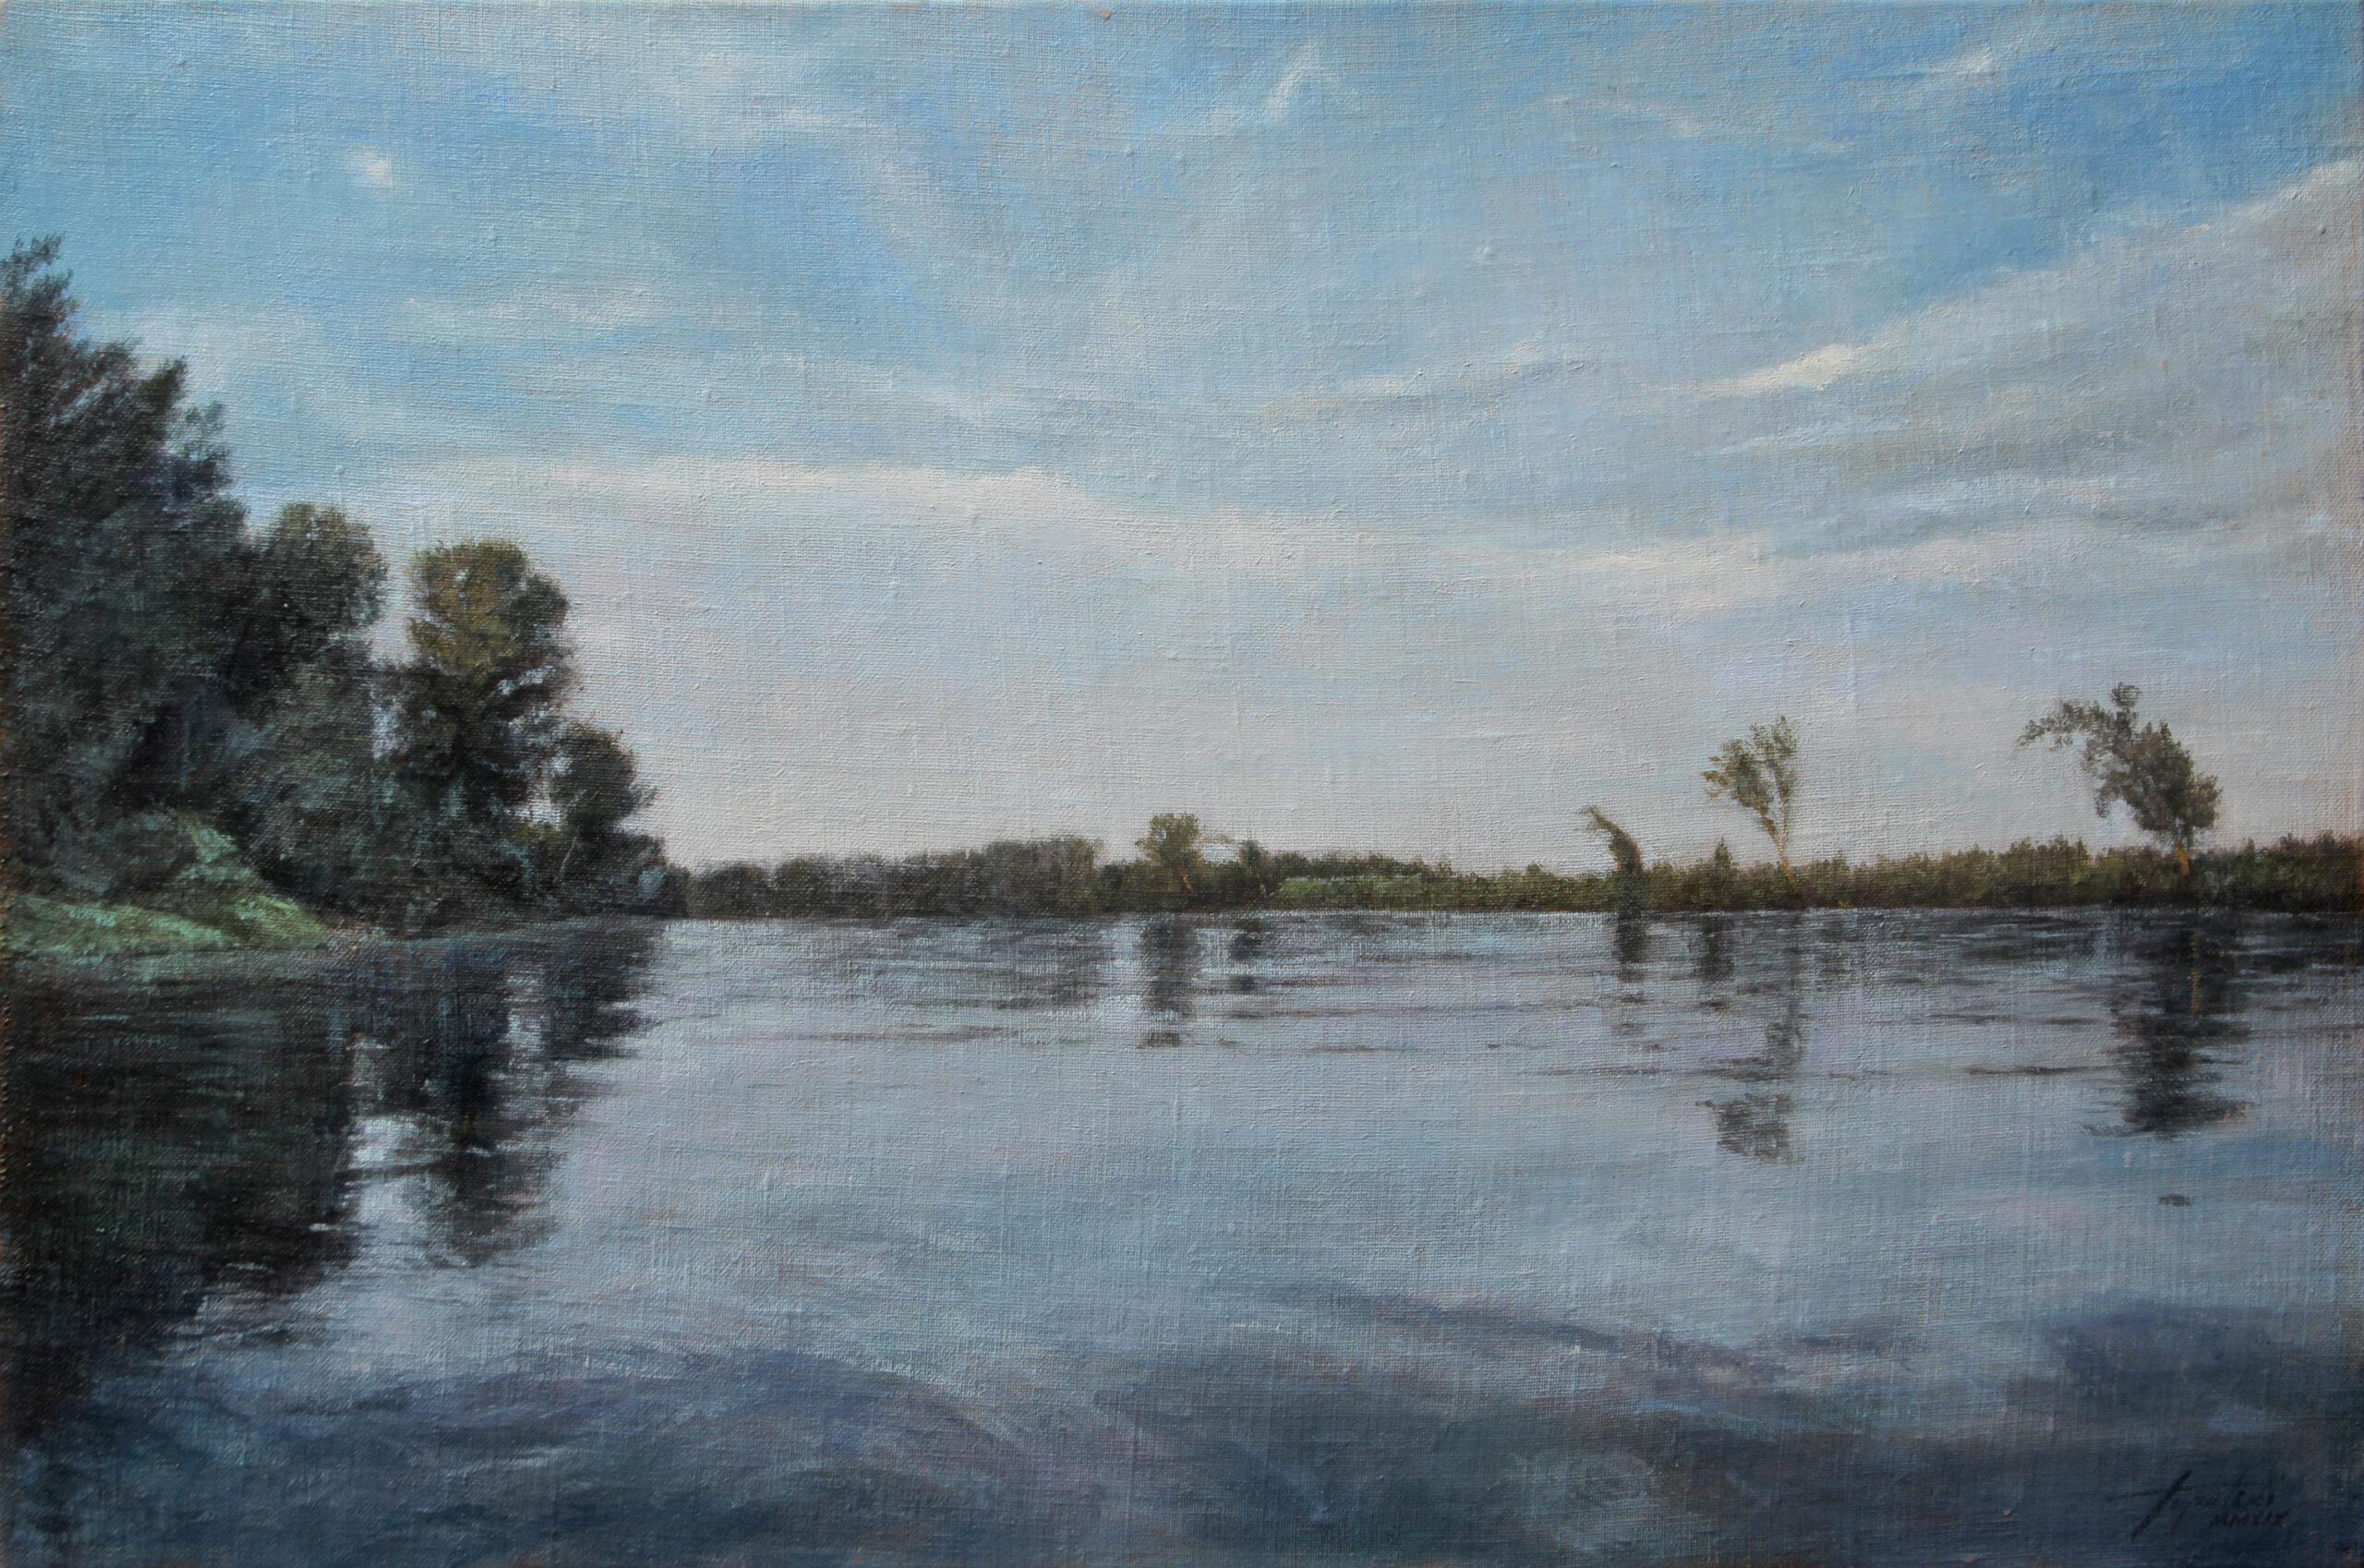 Reka Tisa - 40x60cm,2019. Ulje na platnu - umetnik Darko TOPALSKI